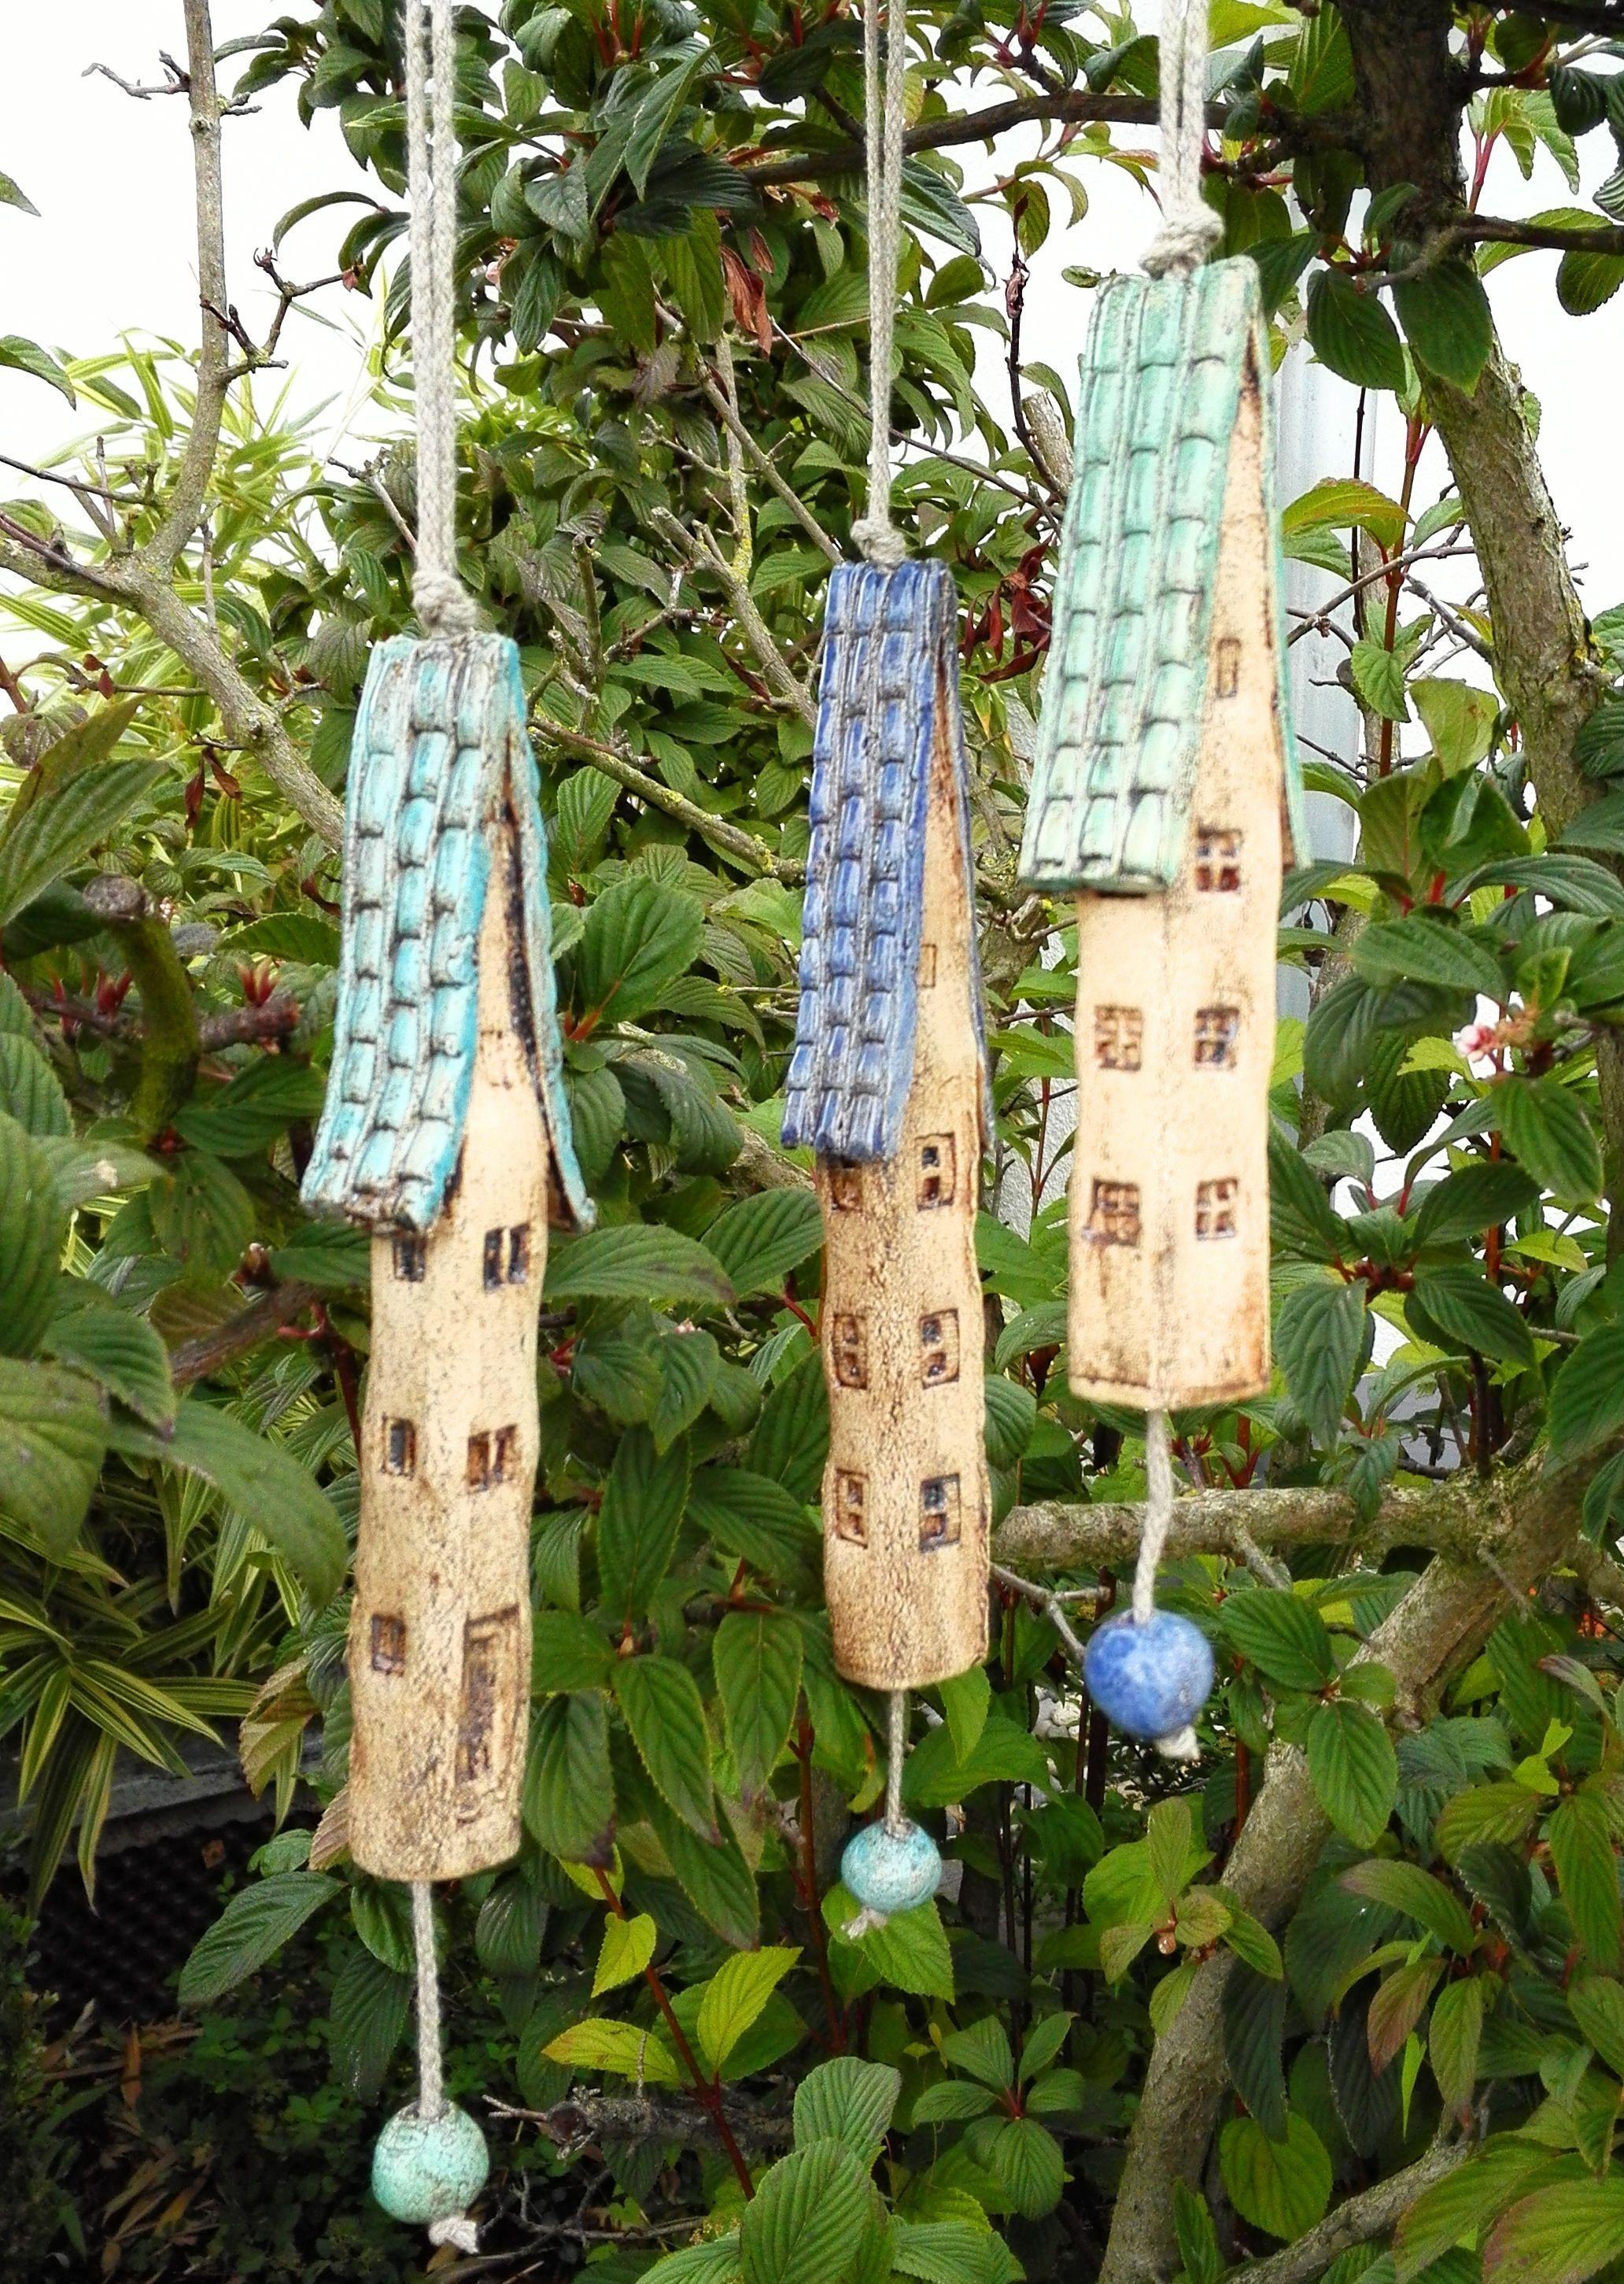 Keramik Ideen Fur Den Garten Keramik Ideen Fur Den Garten Keramik Windlichter Garden Pottery Pottery Houses Ceramic Lantern